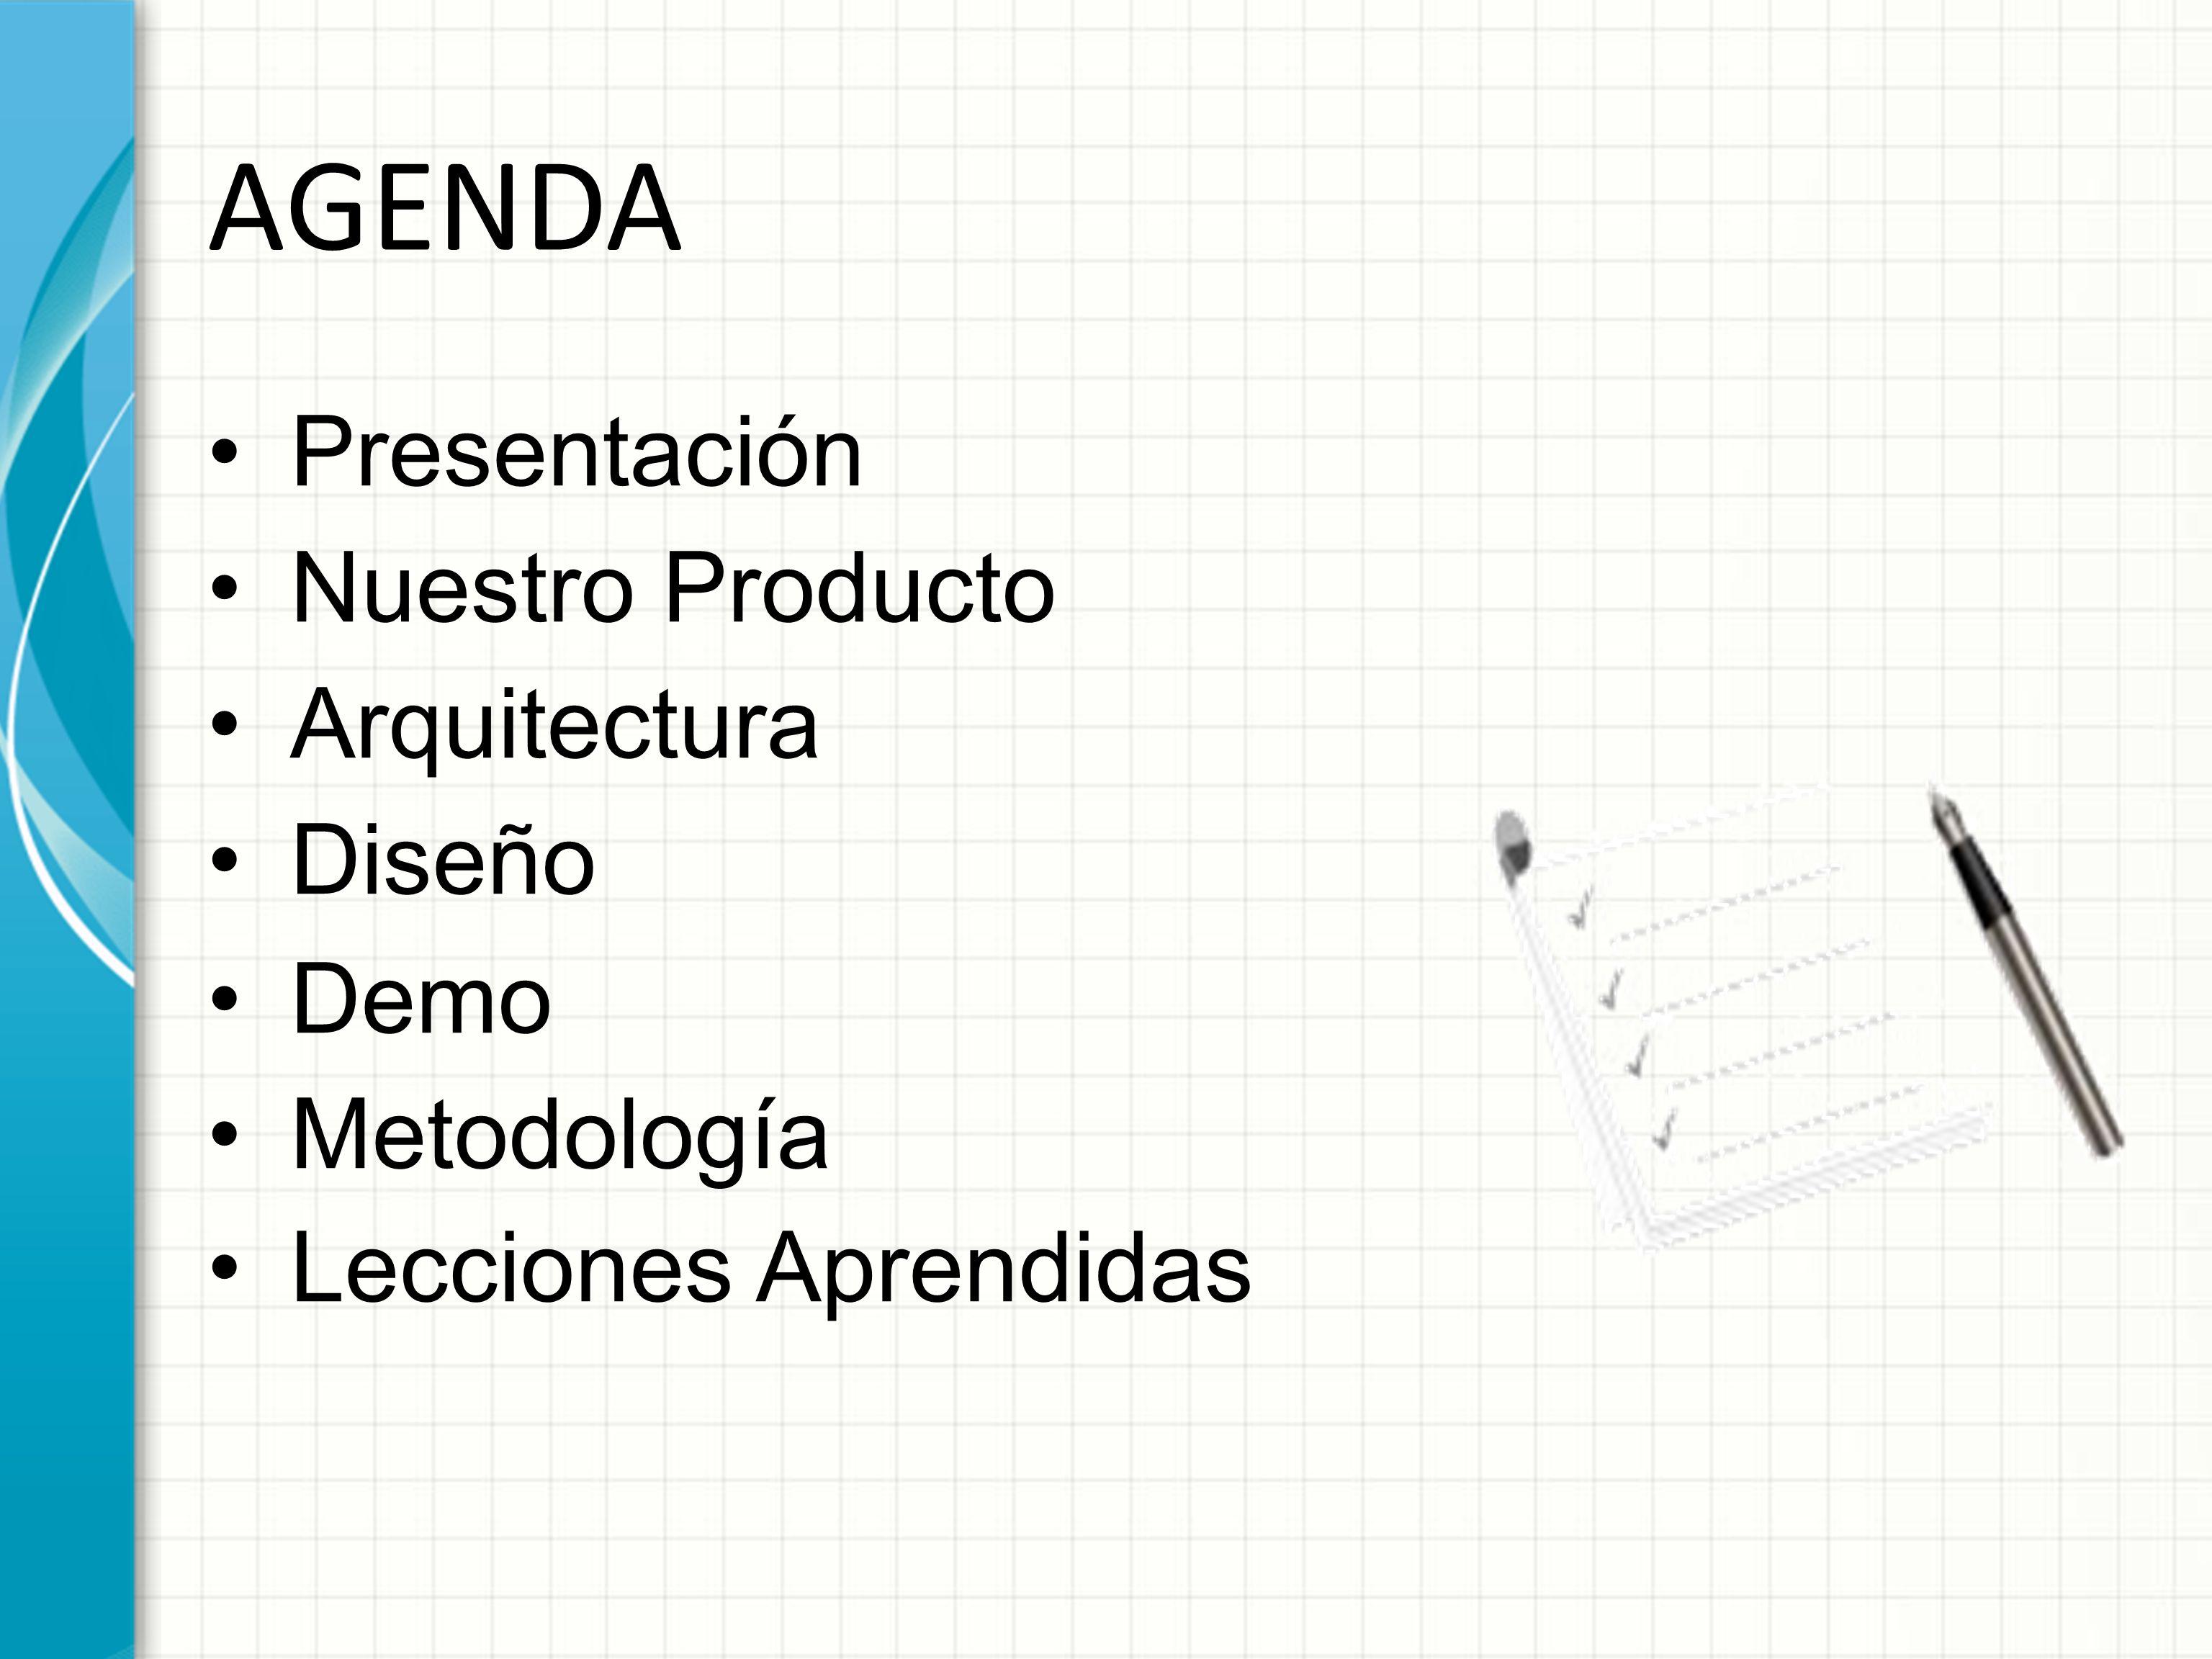 AGENDA Presentación Nuestro Producto Arquitectura Diseño Demo Metodología Lecciones Aprendidas